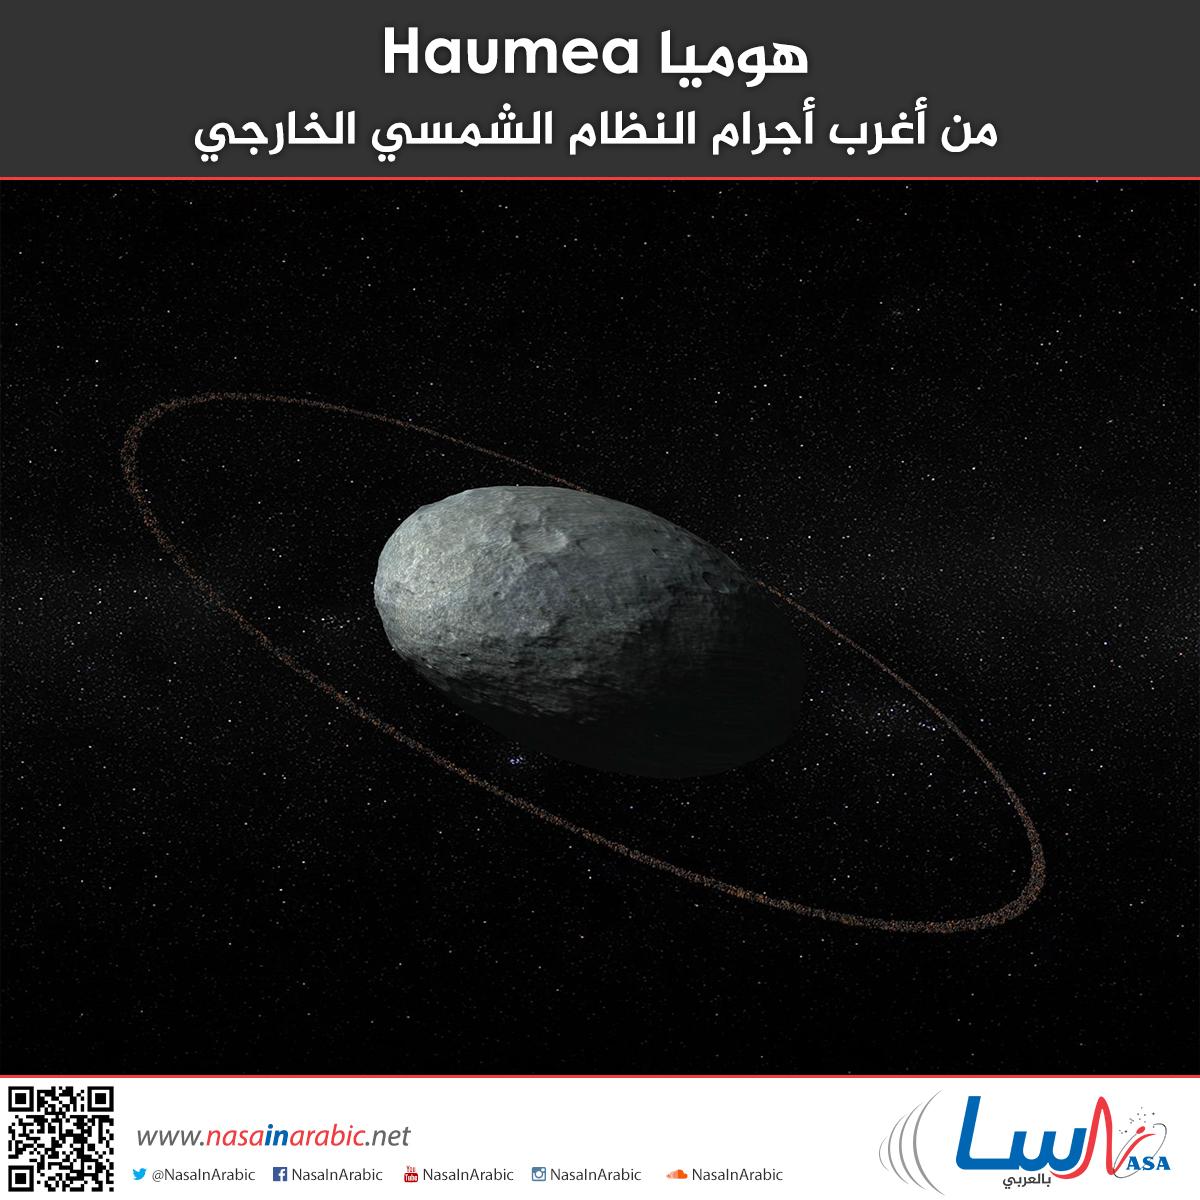 هوميا Haumea من أغرب أجرام النظام الشمسي الخارجي